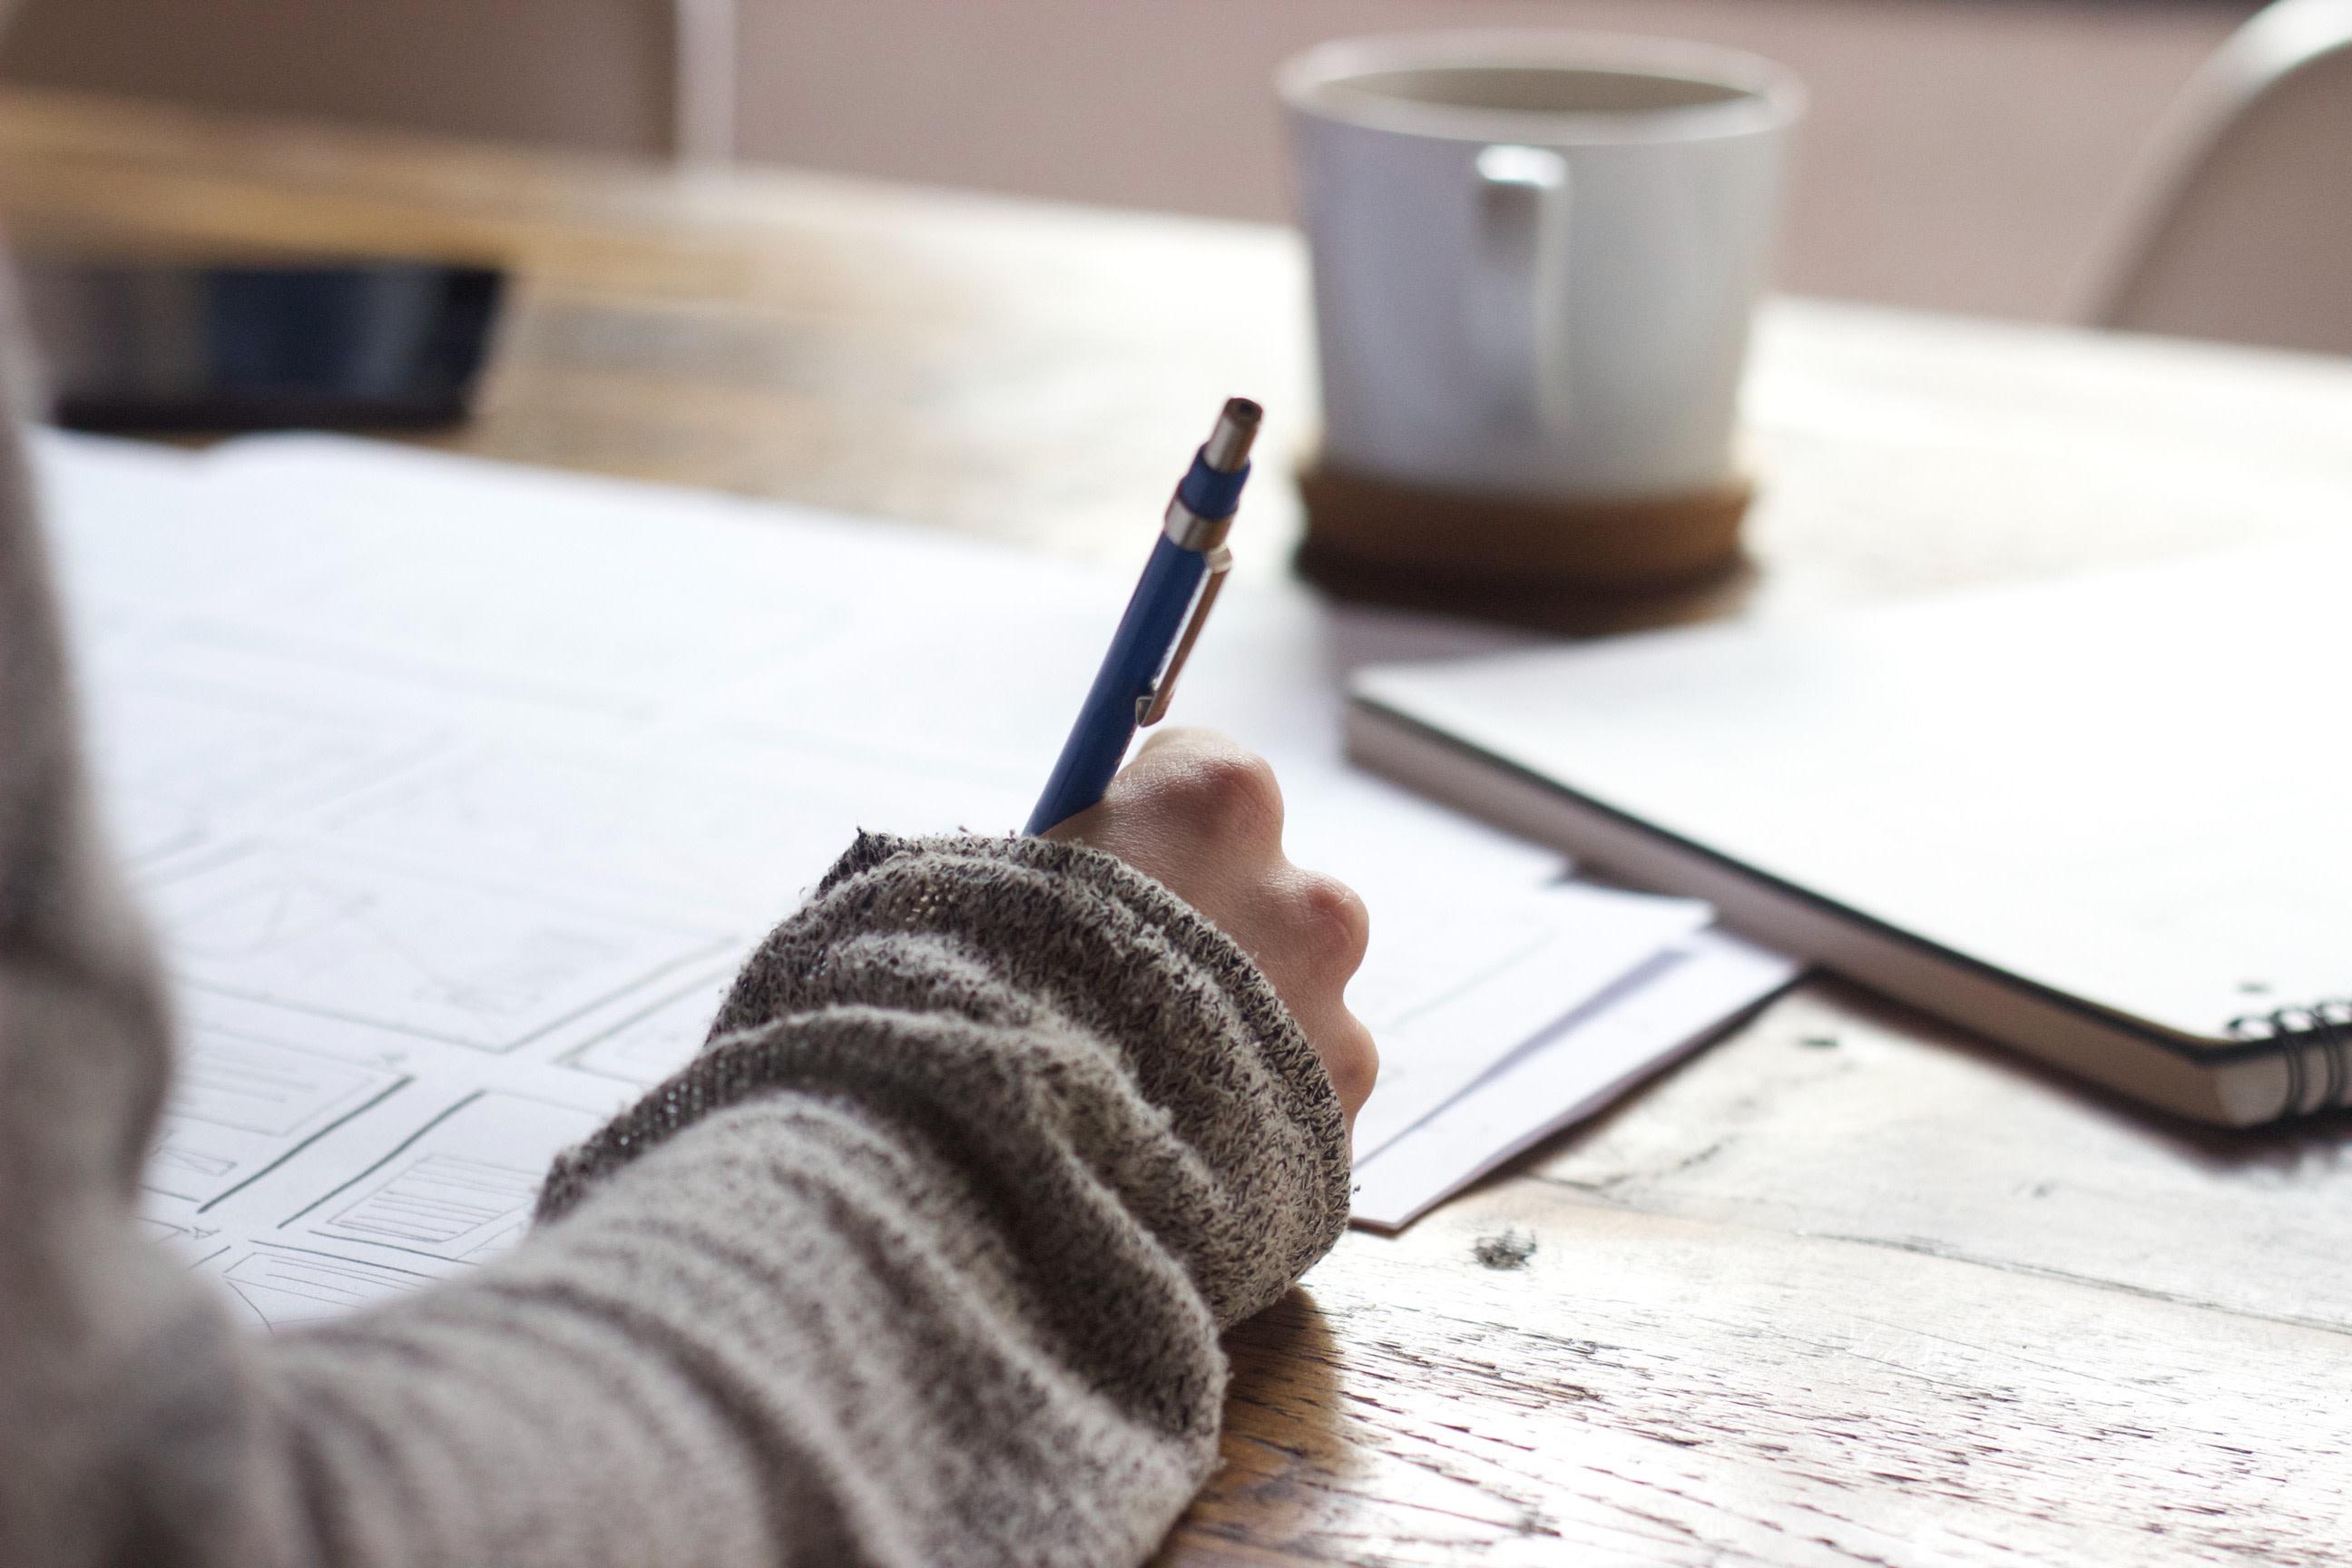 Produktivitaet steigern mit Homeoffice